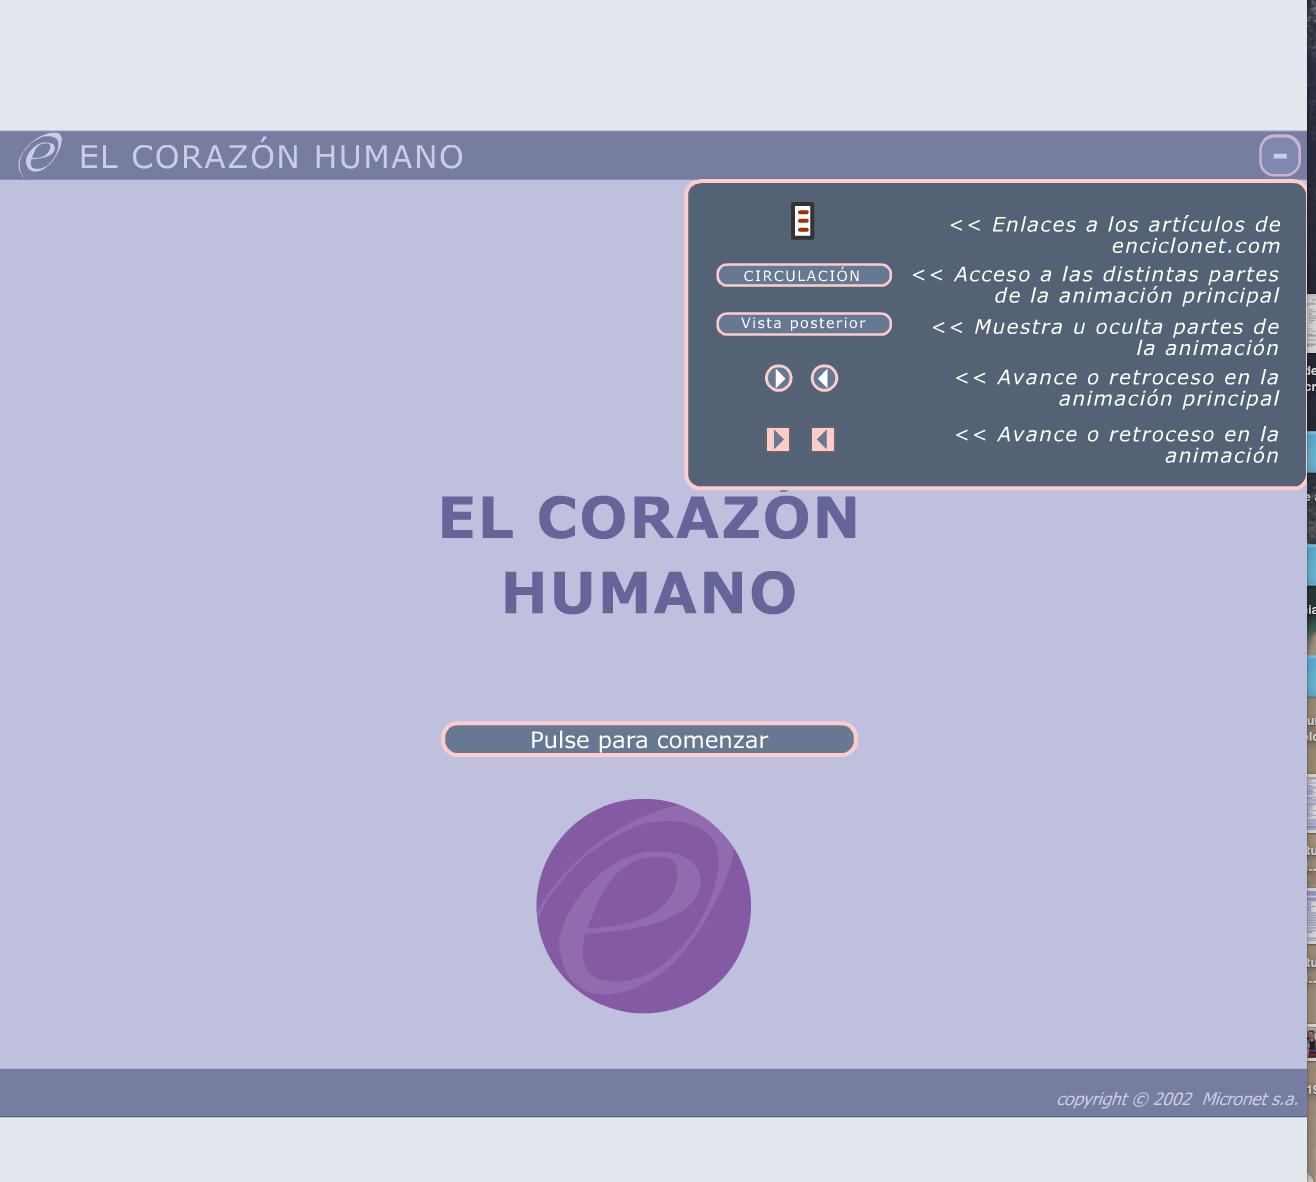 El corazon humano » Recursos educativos digitales